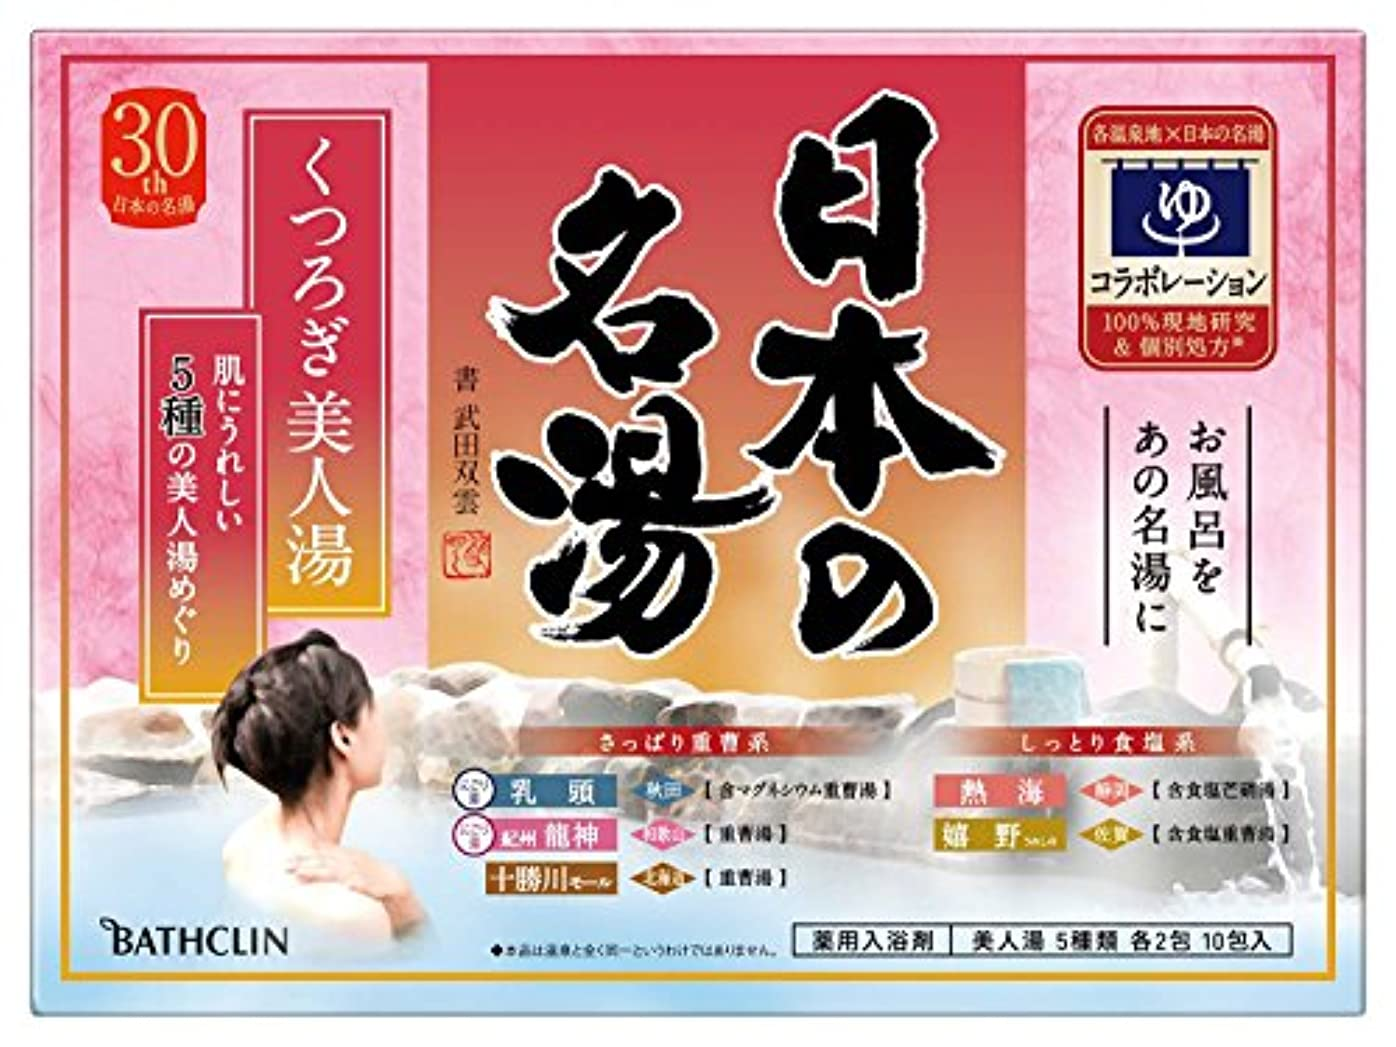 アトラス和らげるカニ日本の名湯 くつろぎ美人湯 30g 10包入り 入浴剤 (医薬部外品)